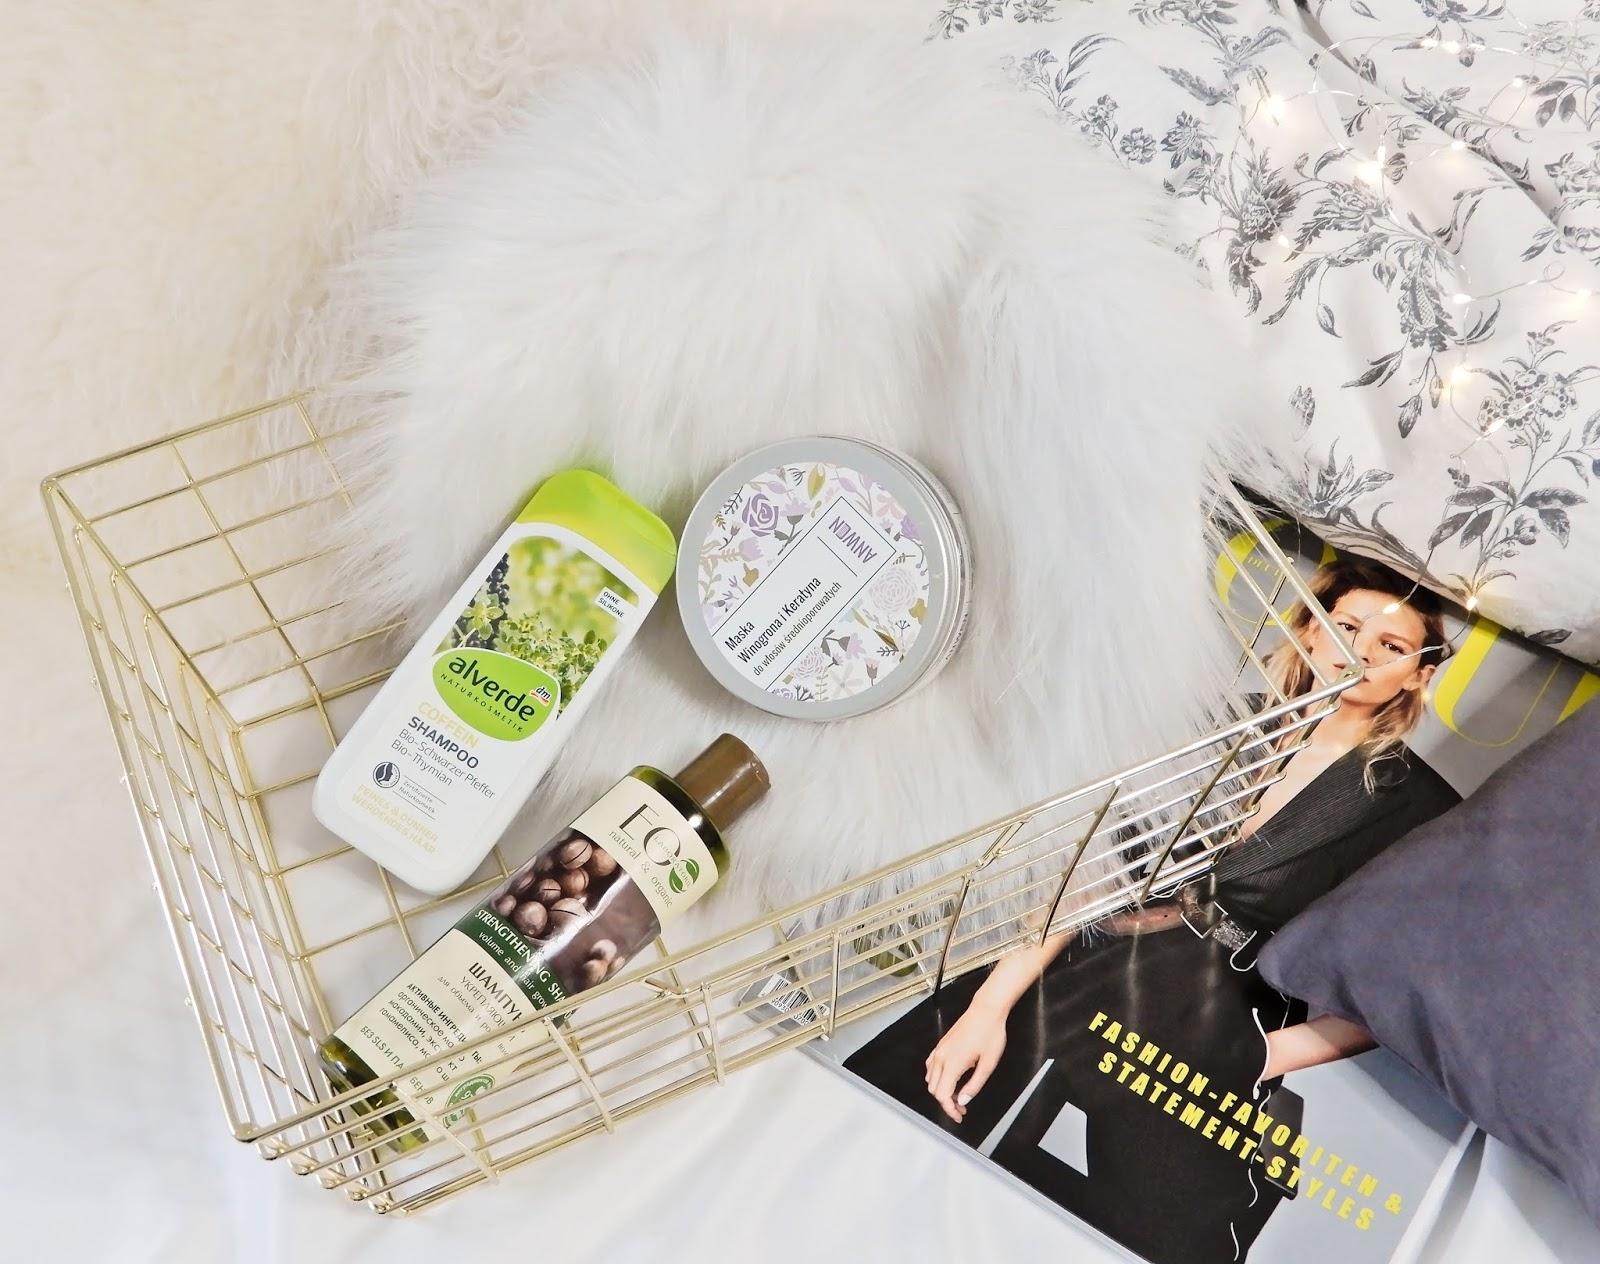 Alverde Coffein Shampoo Bio-Schwarzer Pfeffer Bio-Thymian, Eo (Eco) Laboratorie Szampon wzmacniający, Anwen Maska do włosów Winogrona i Keratyna.